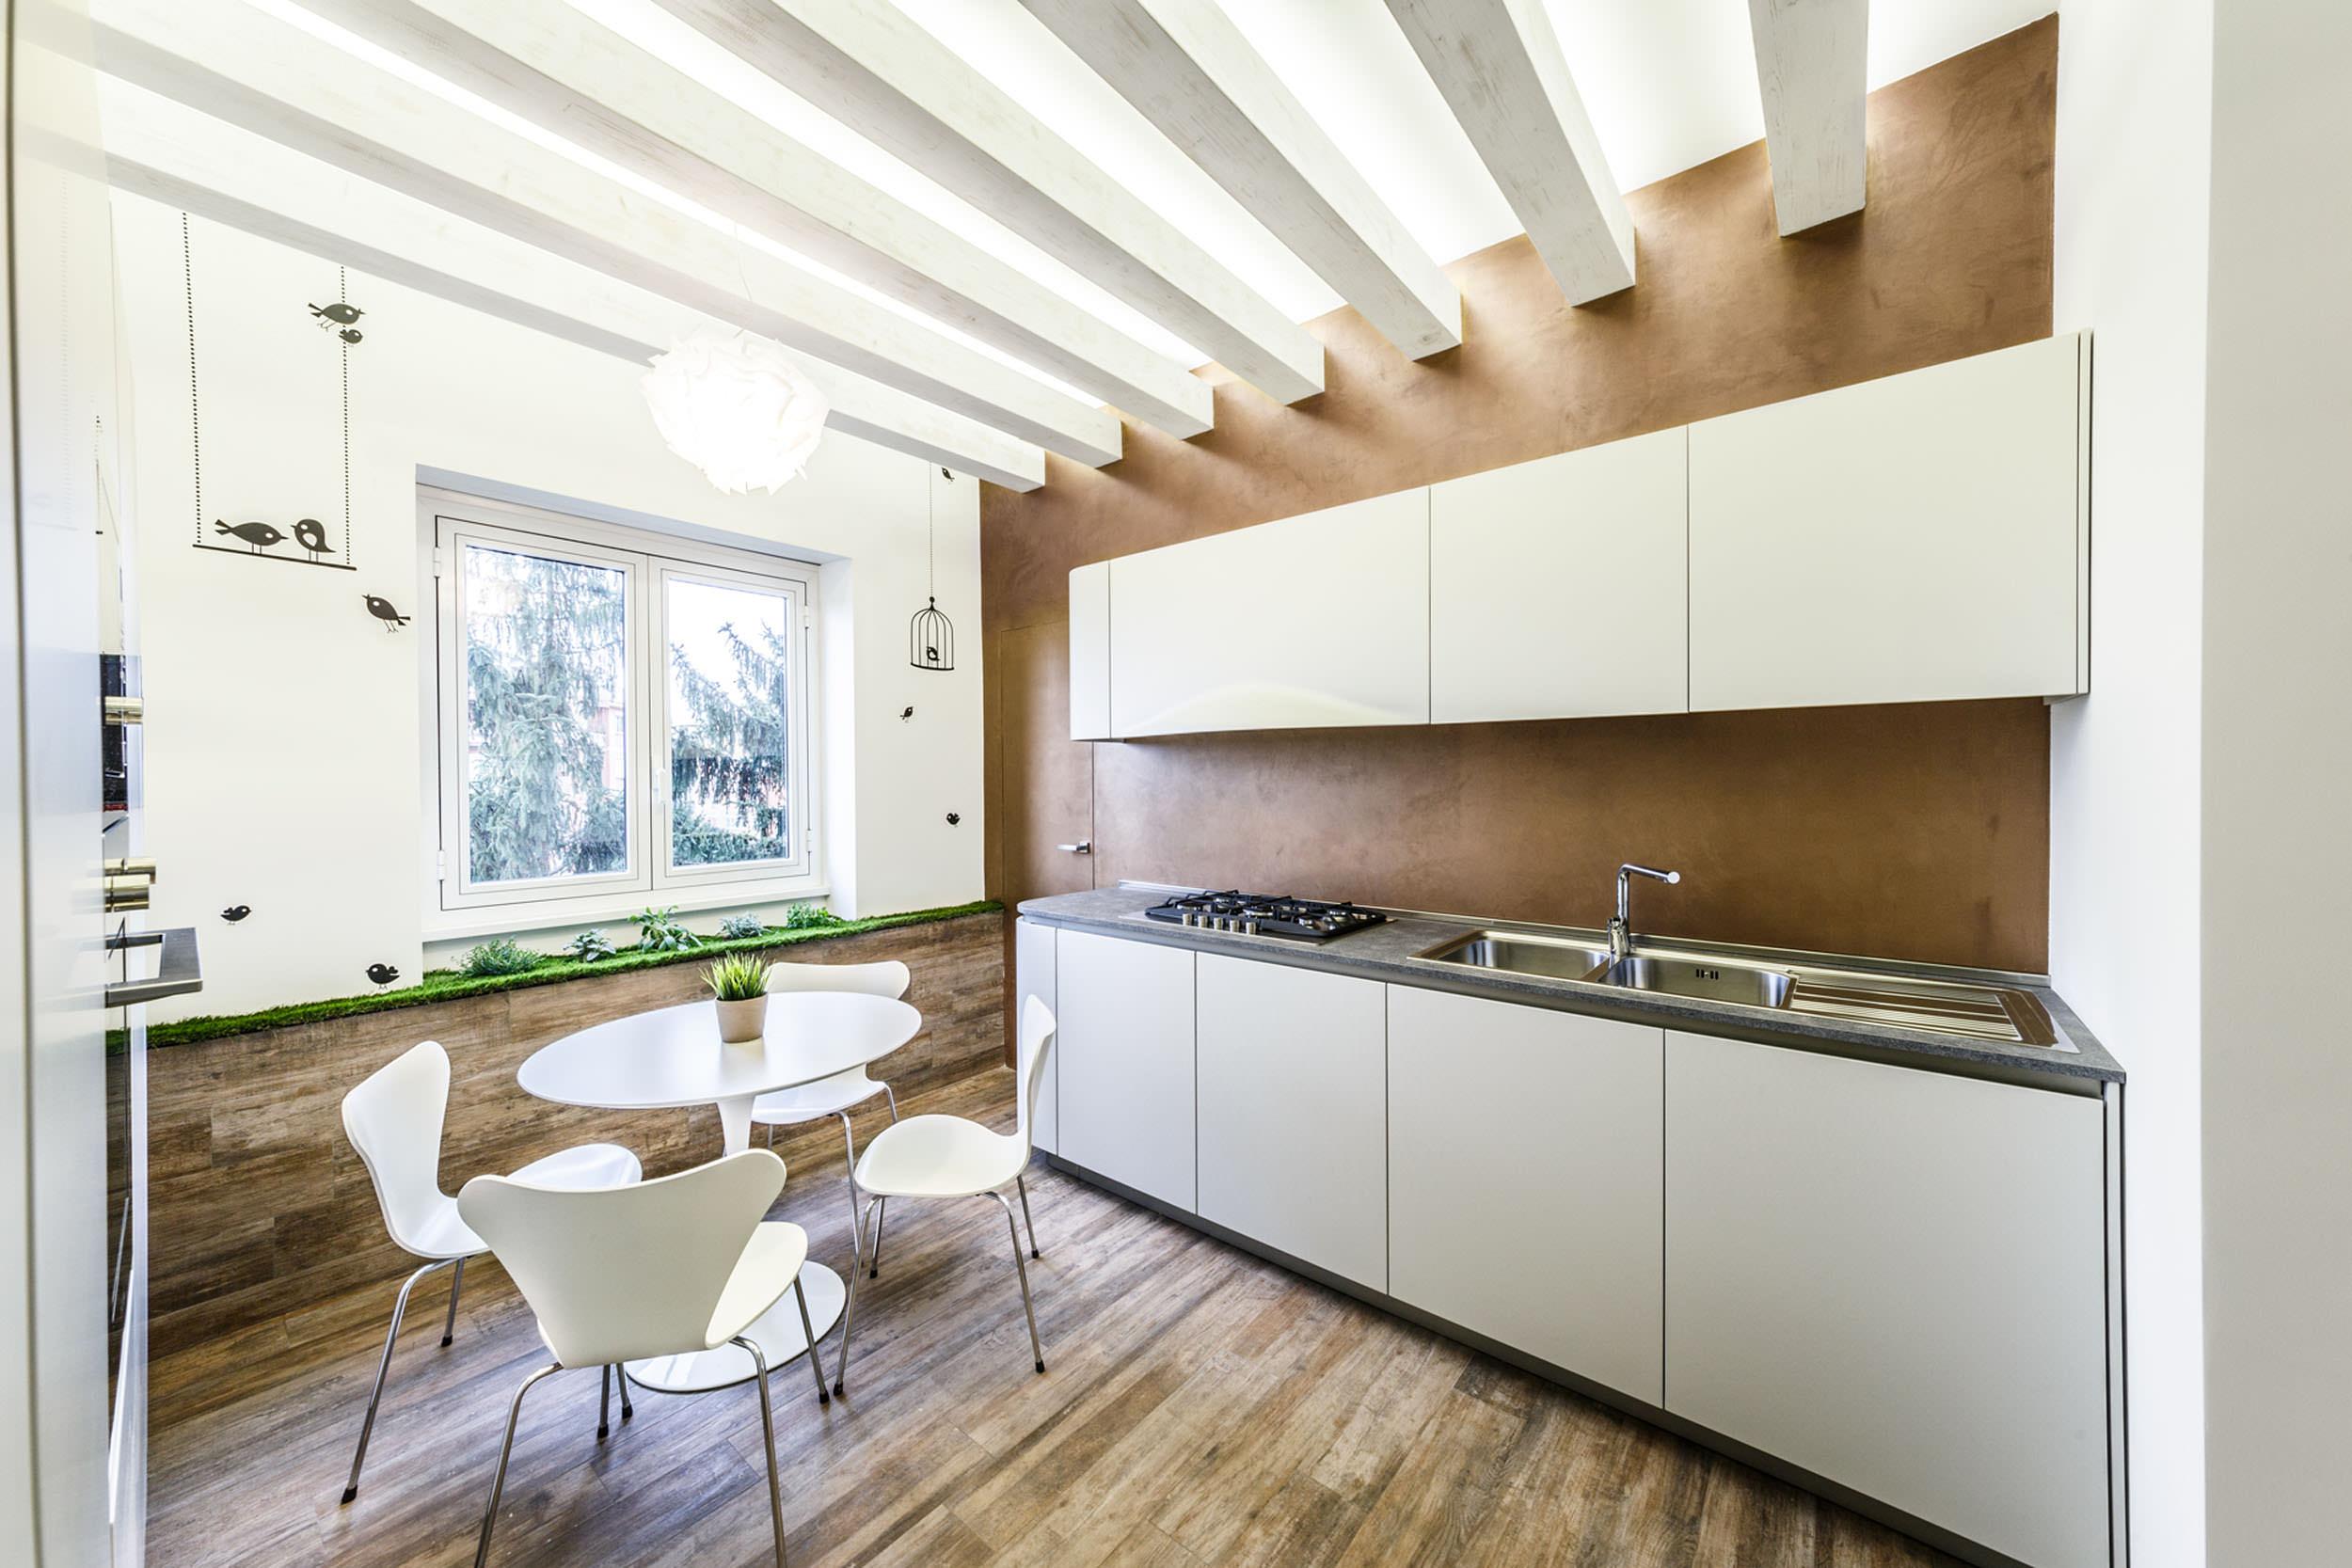 moderen-italianski-apartament-s-izobilie-ot-zelenina-9g